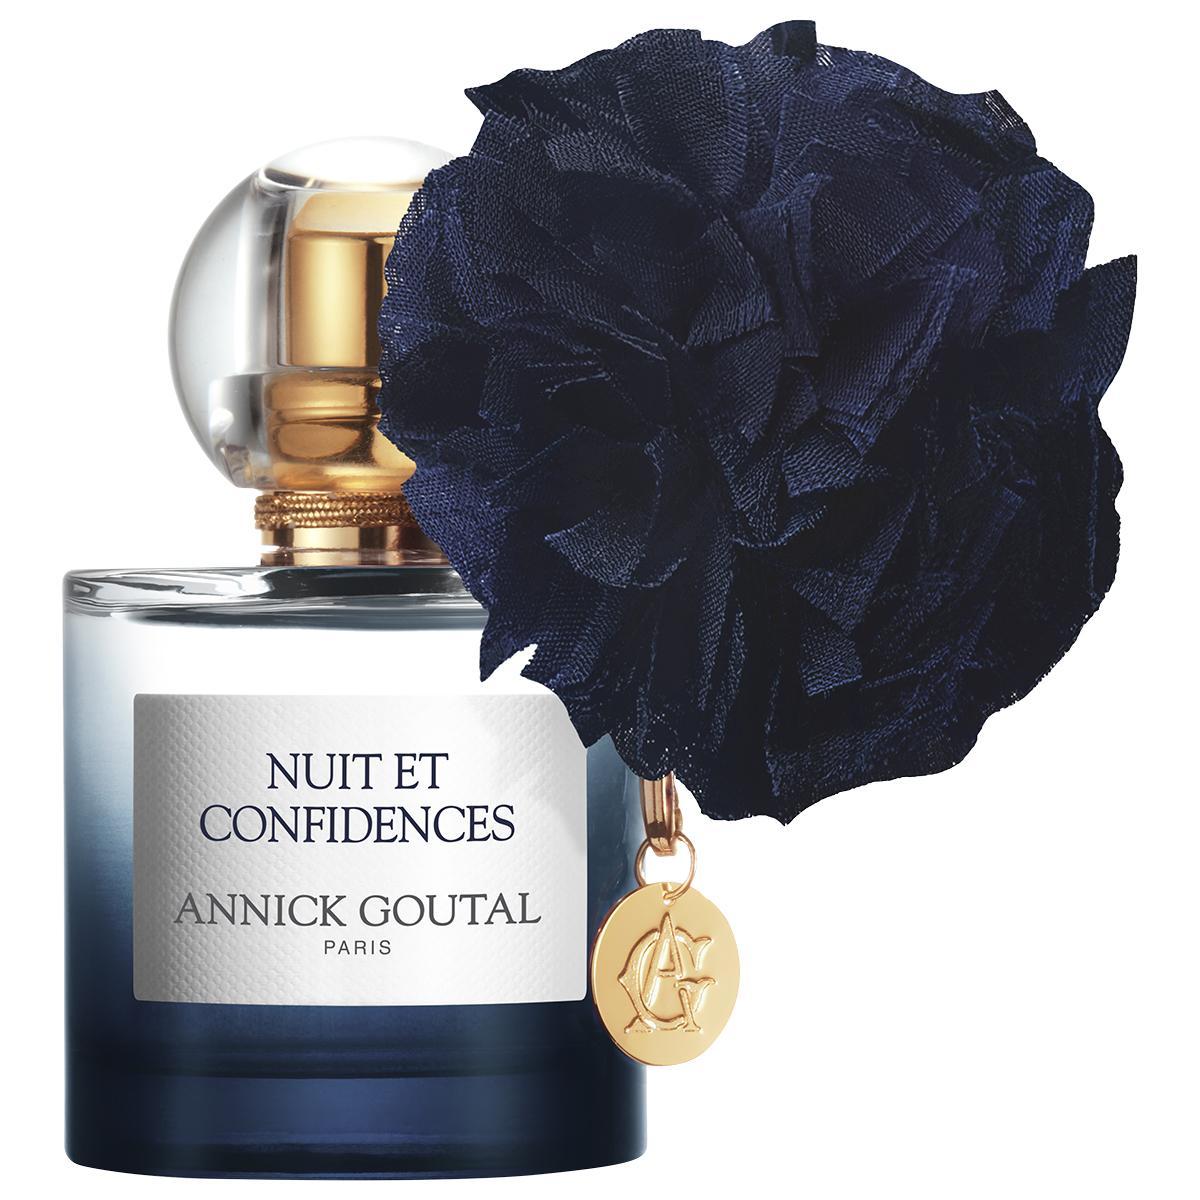 annick_goutal_nuit_et_confidences